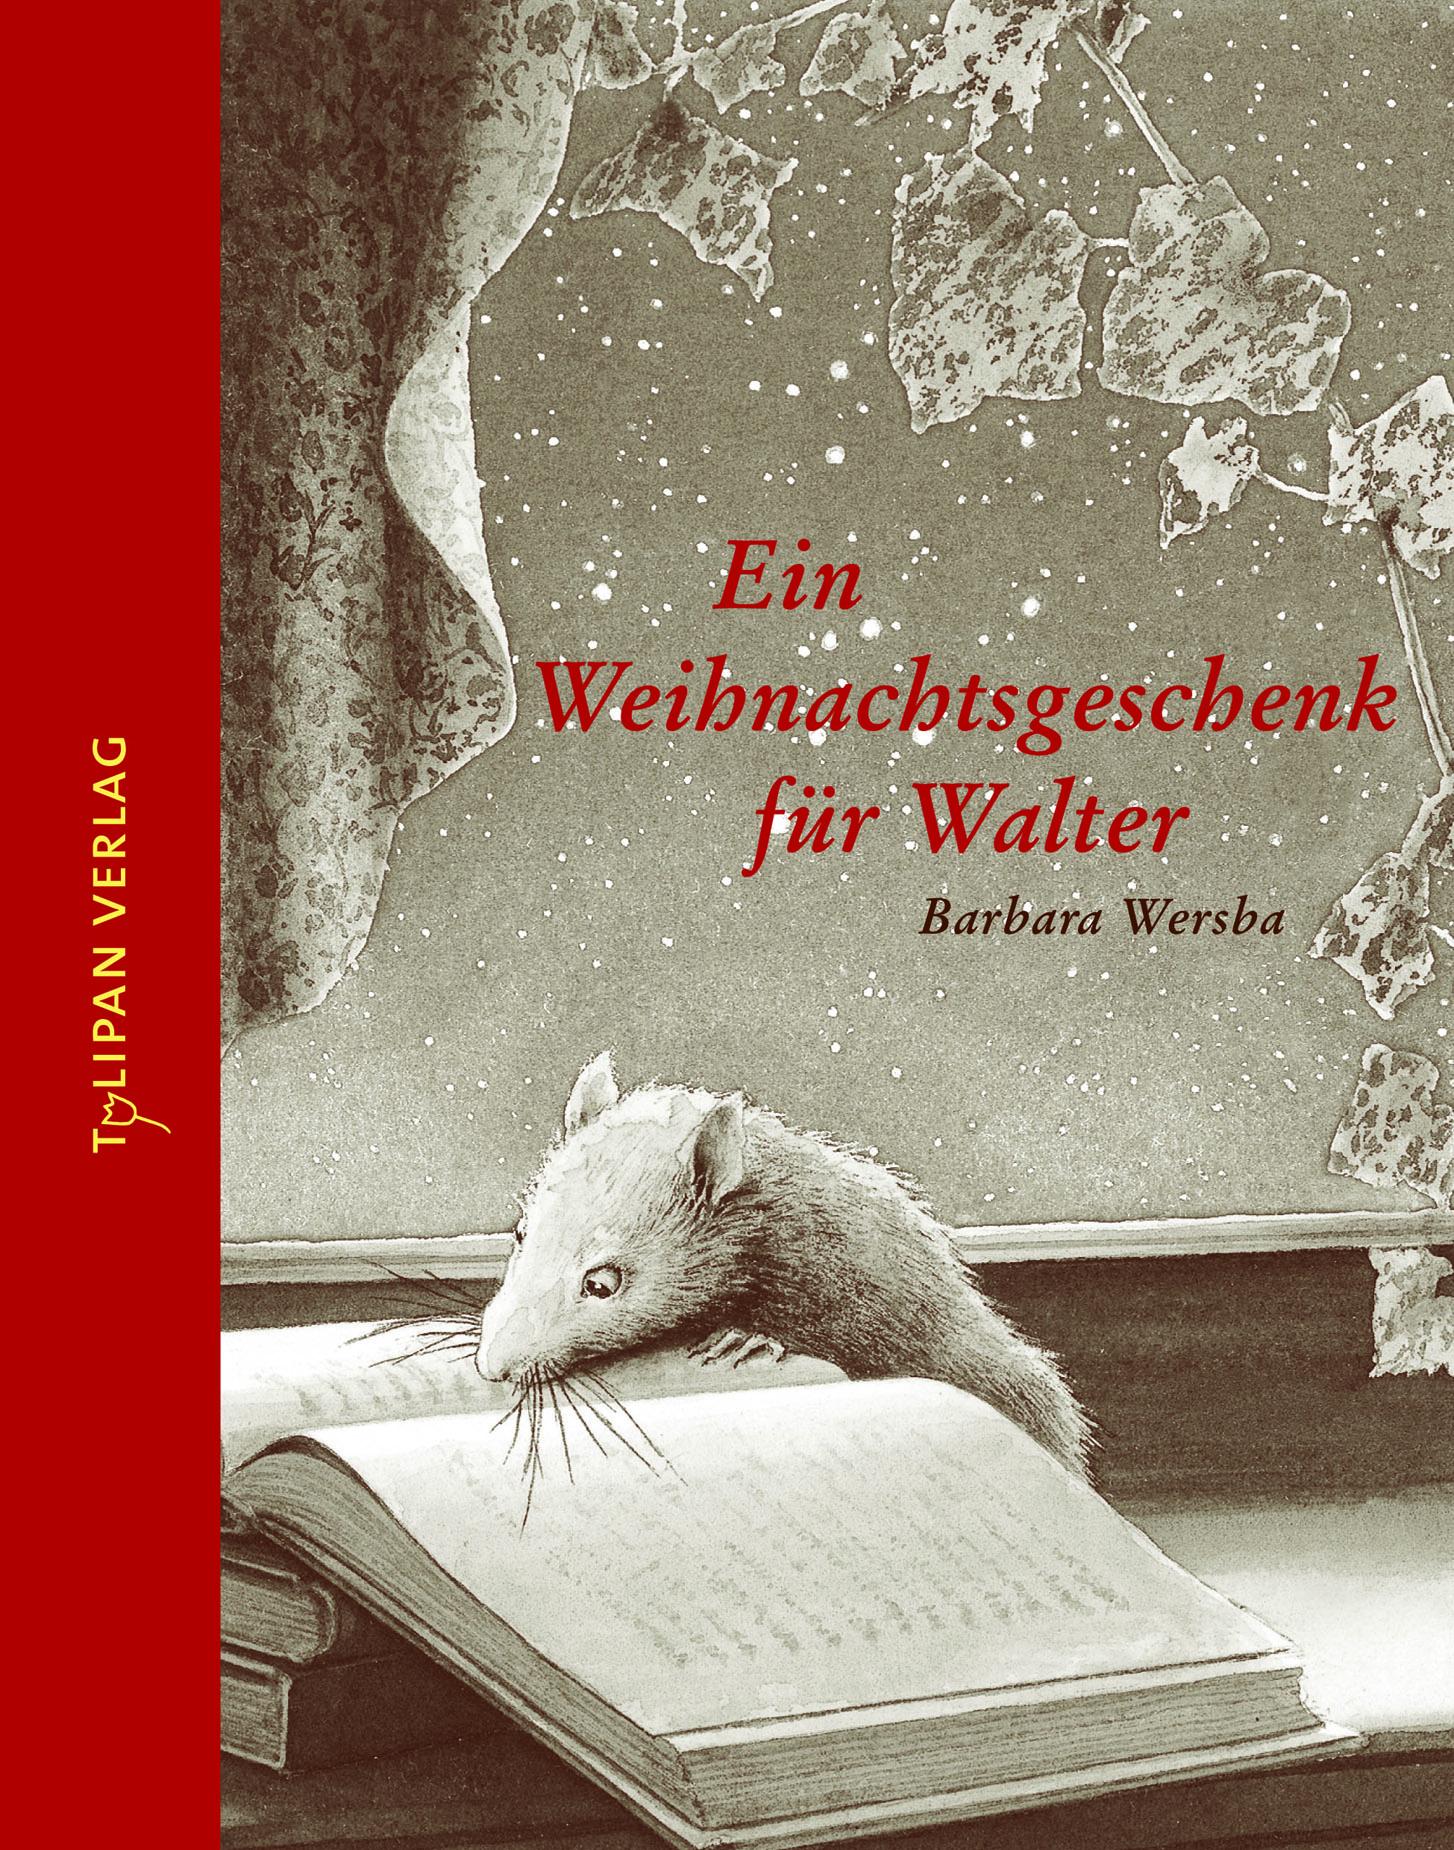 Ein Weihnachtsgeschenk für Walter | Tulipan Verlag